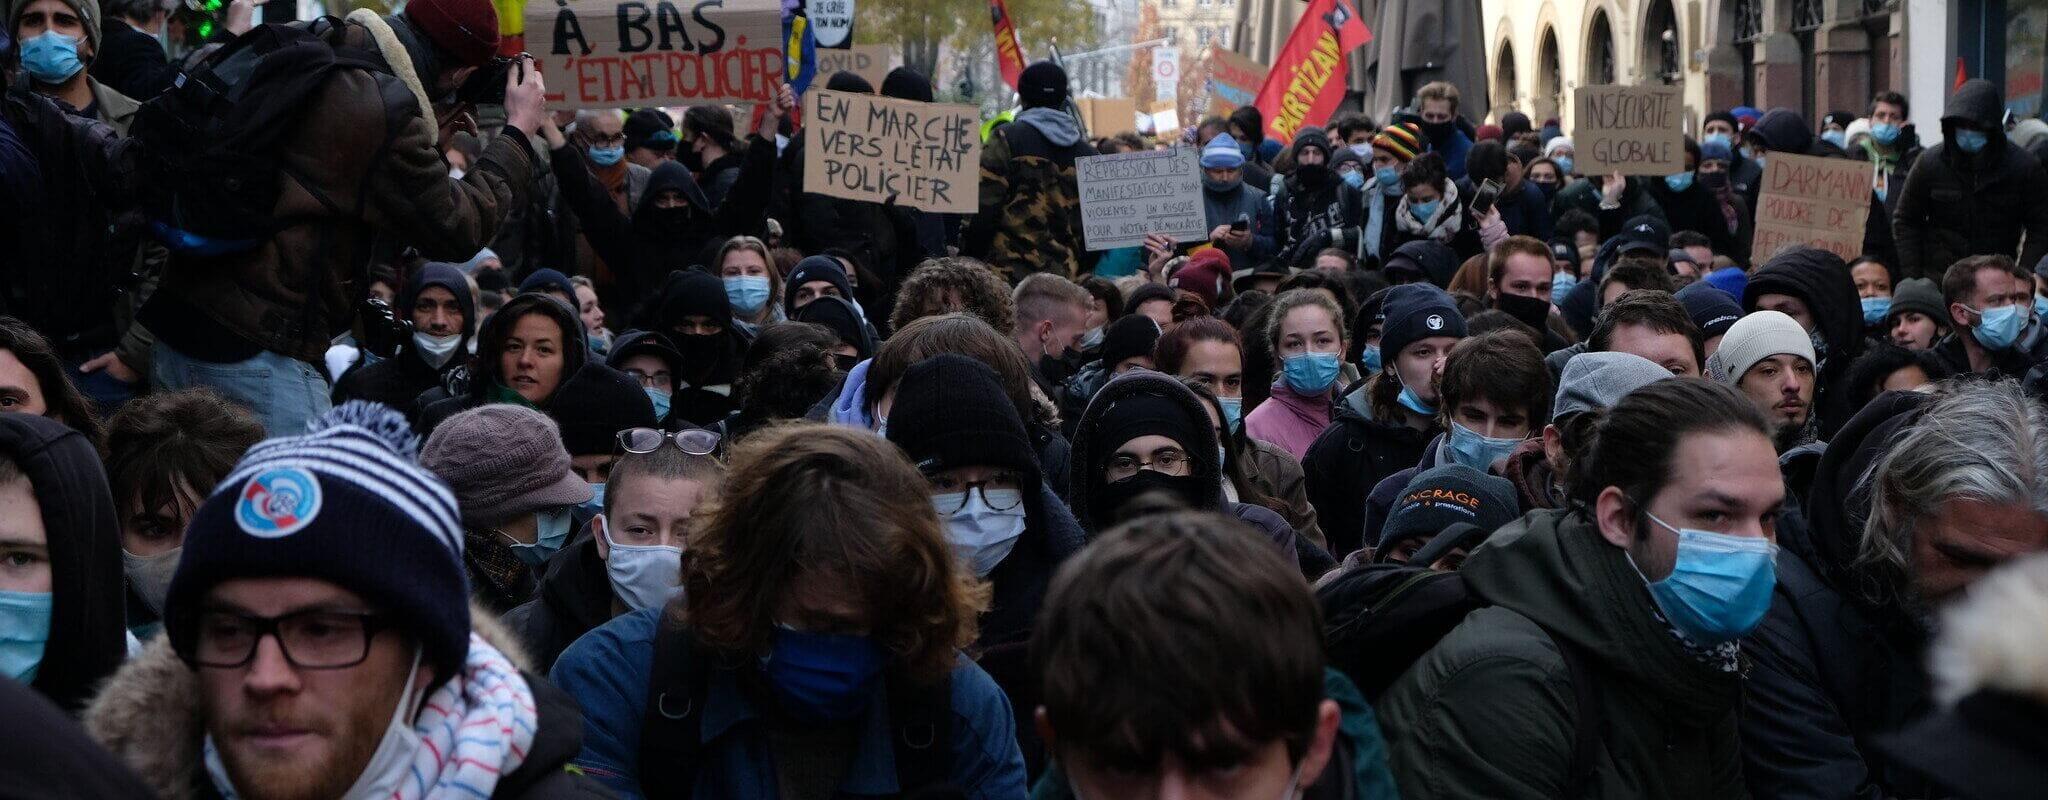 Septième manifestation contre la loi «sécurité globale» samedi